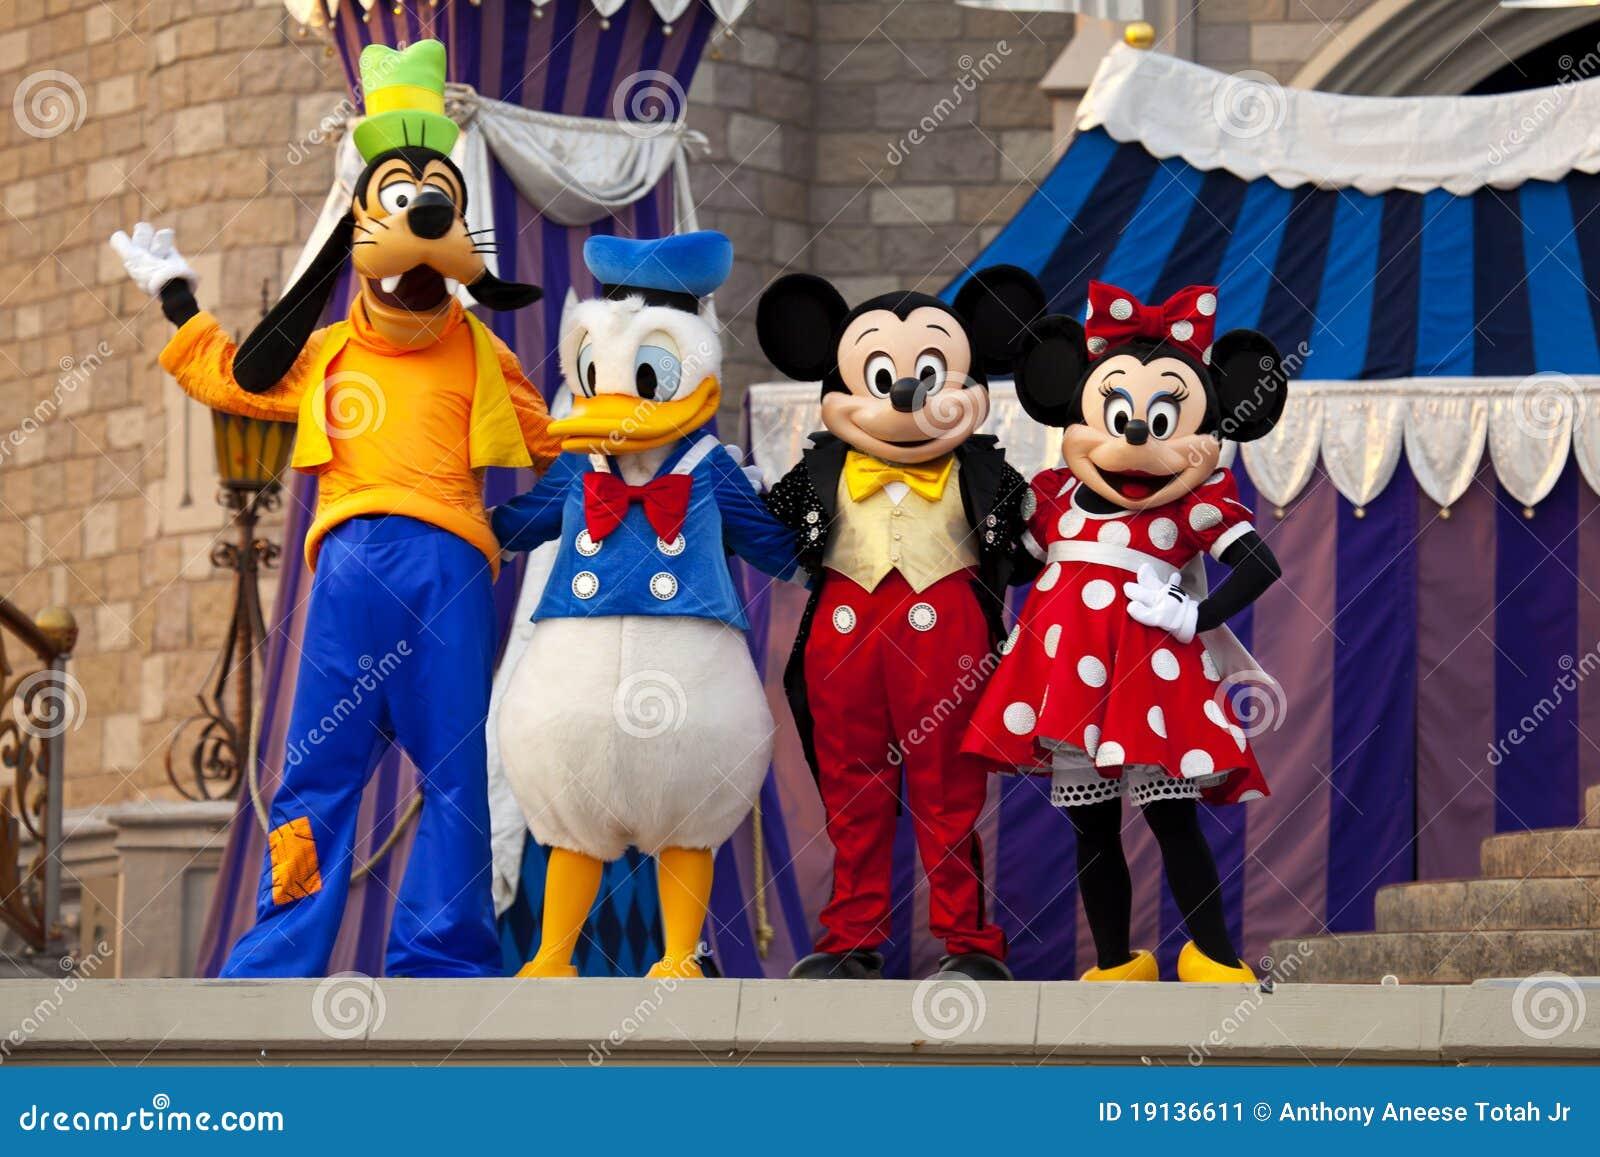 Mickey en Minnie Muis, Donald Duck en Goofy